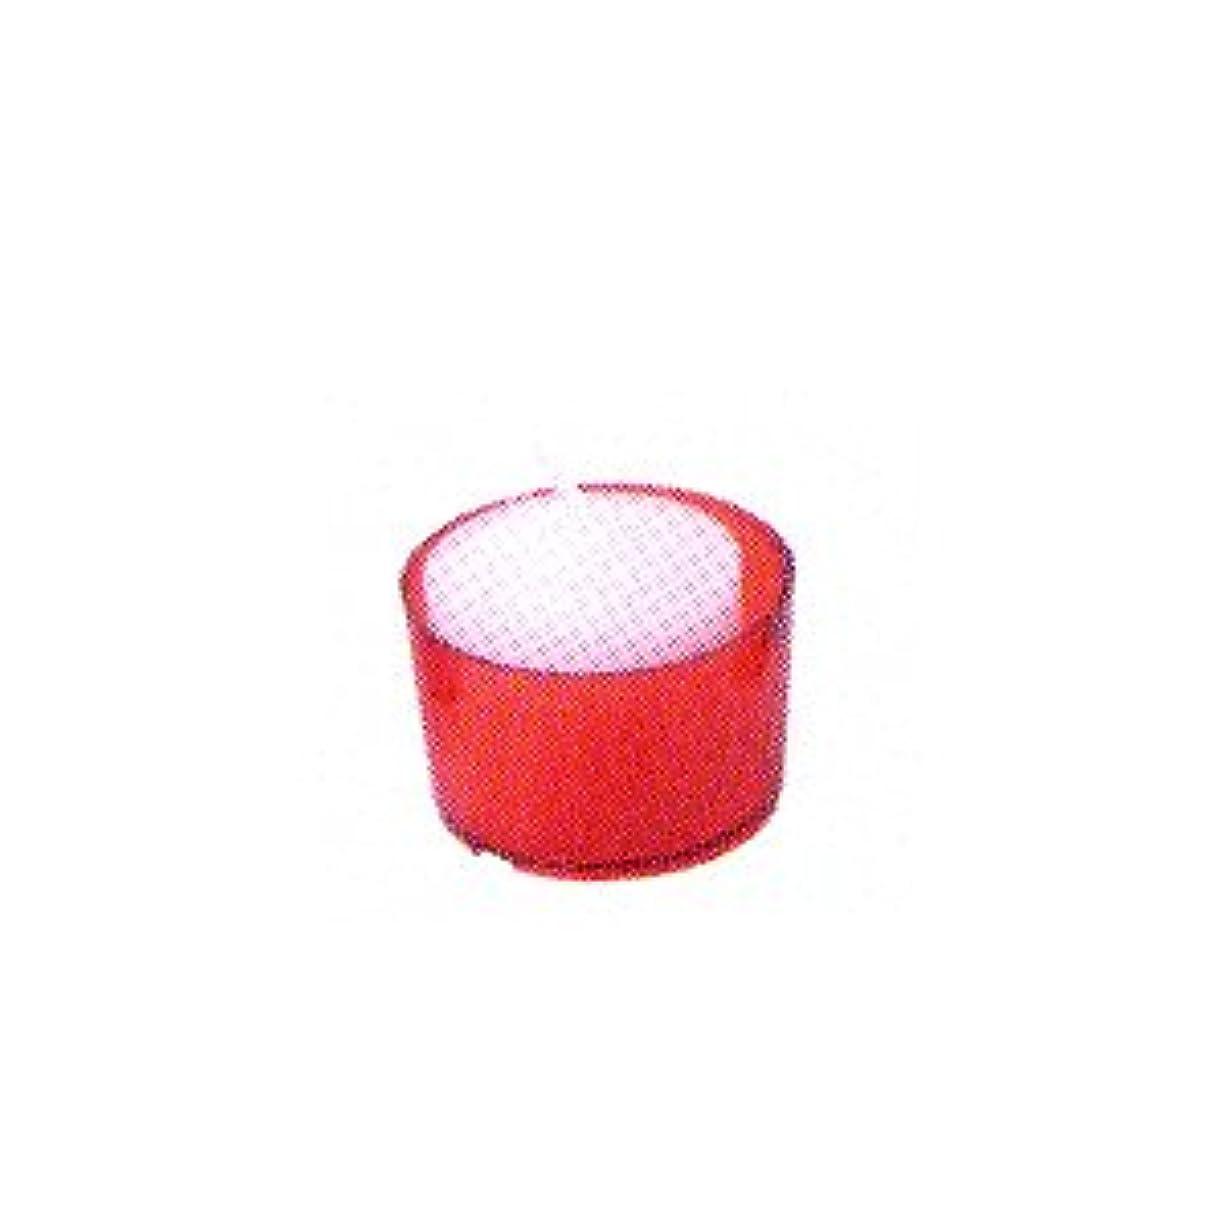 菊縞模様の協力的カメヤマキャンドル カラークリアカップ ボーティブ6 レッド 24個入